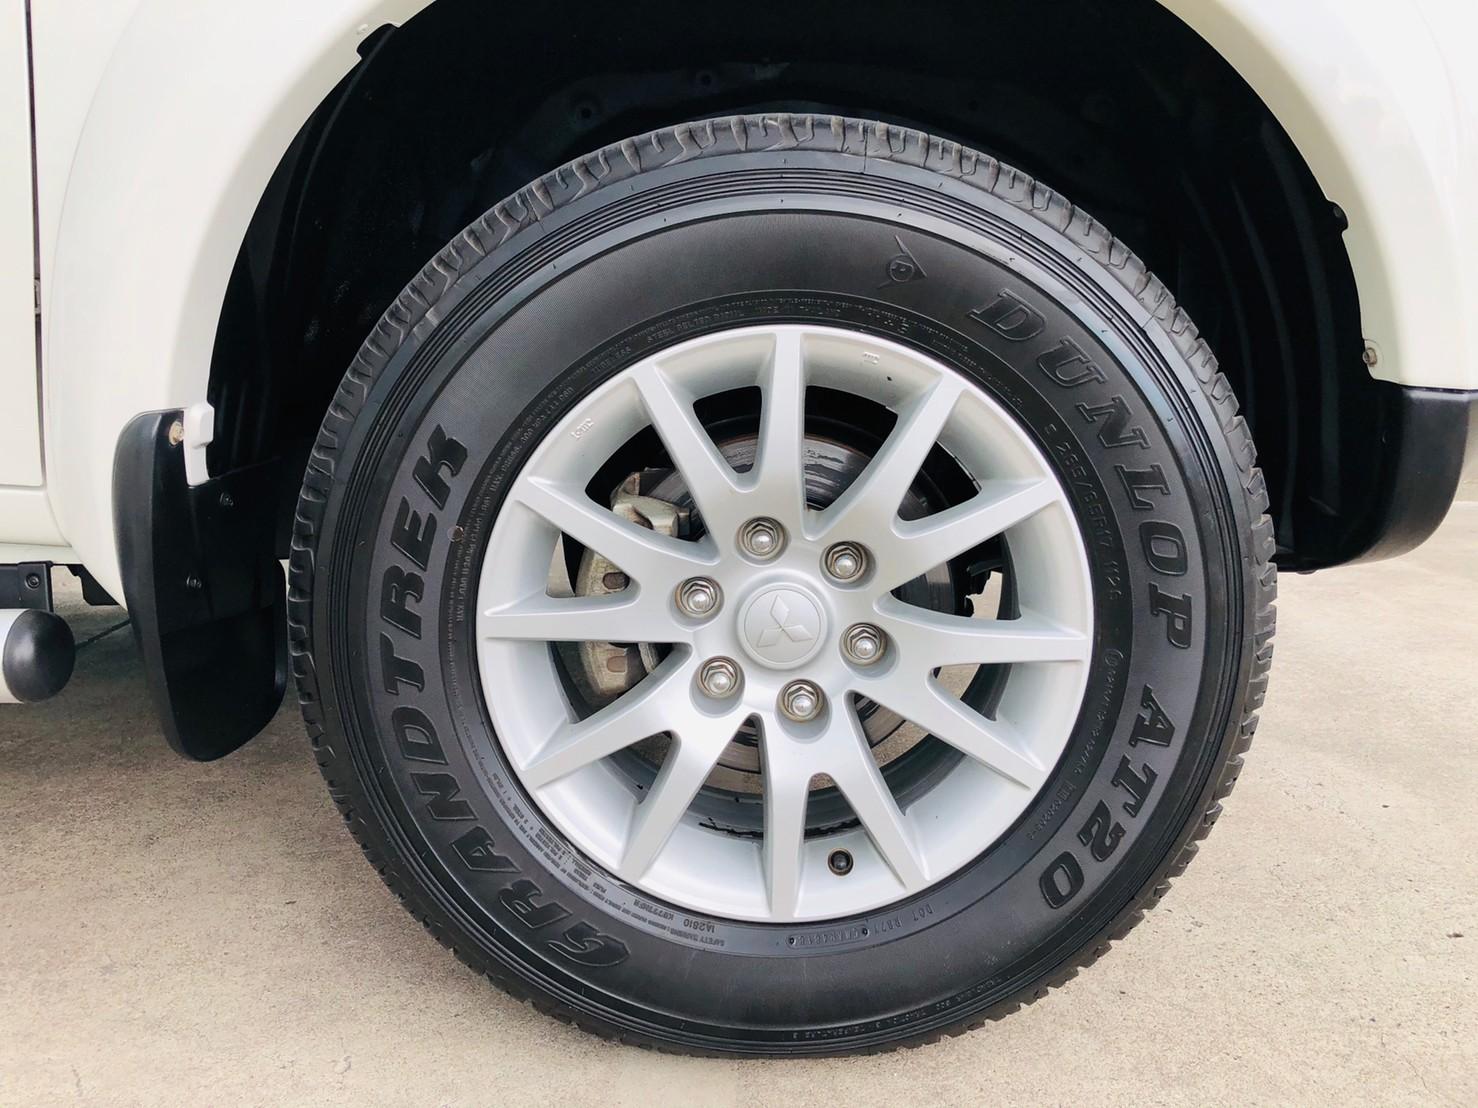 ภาพล้อแม็ก มิตซูบิชิ ปาเจโร่ สปอร์ต 2.5 GT 2WD ปี 2013